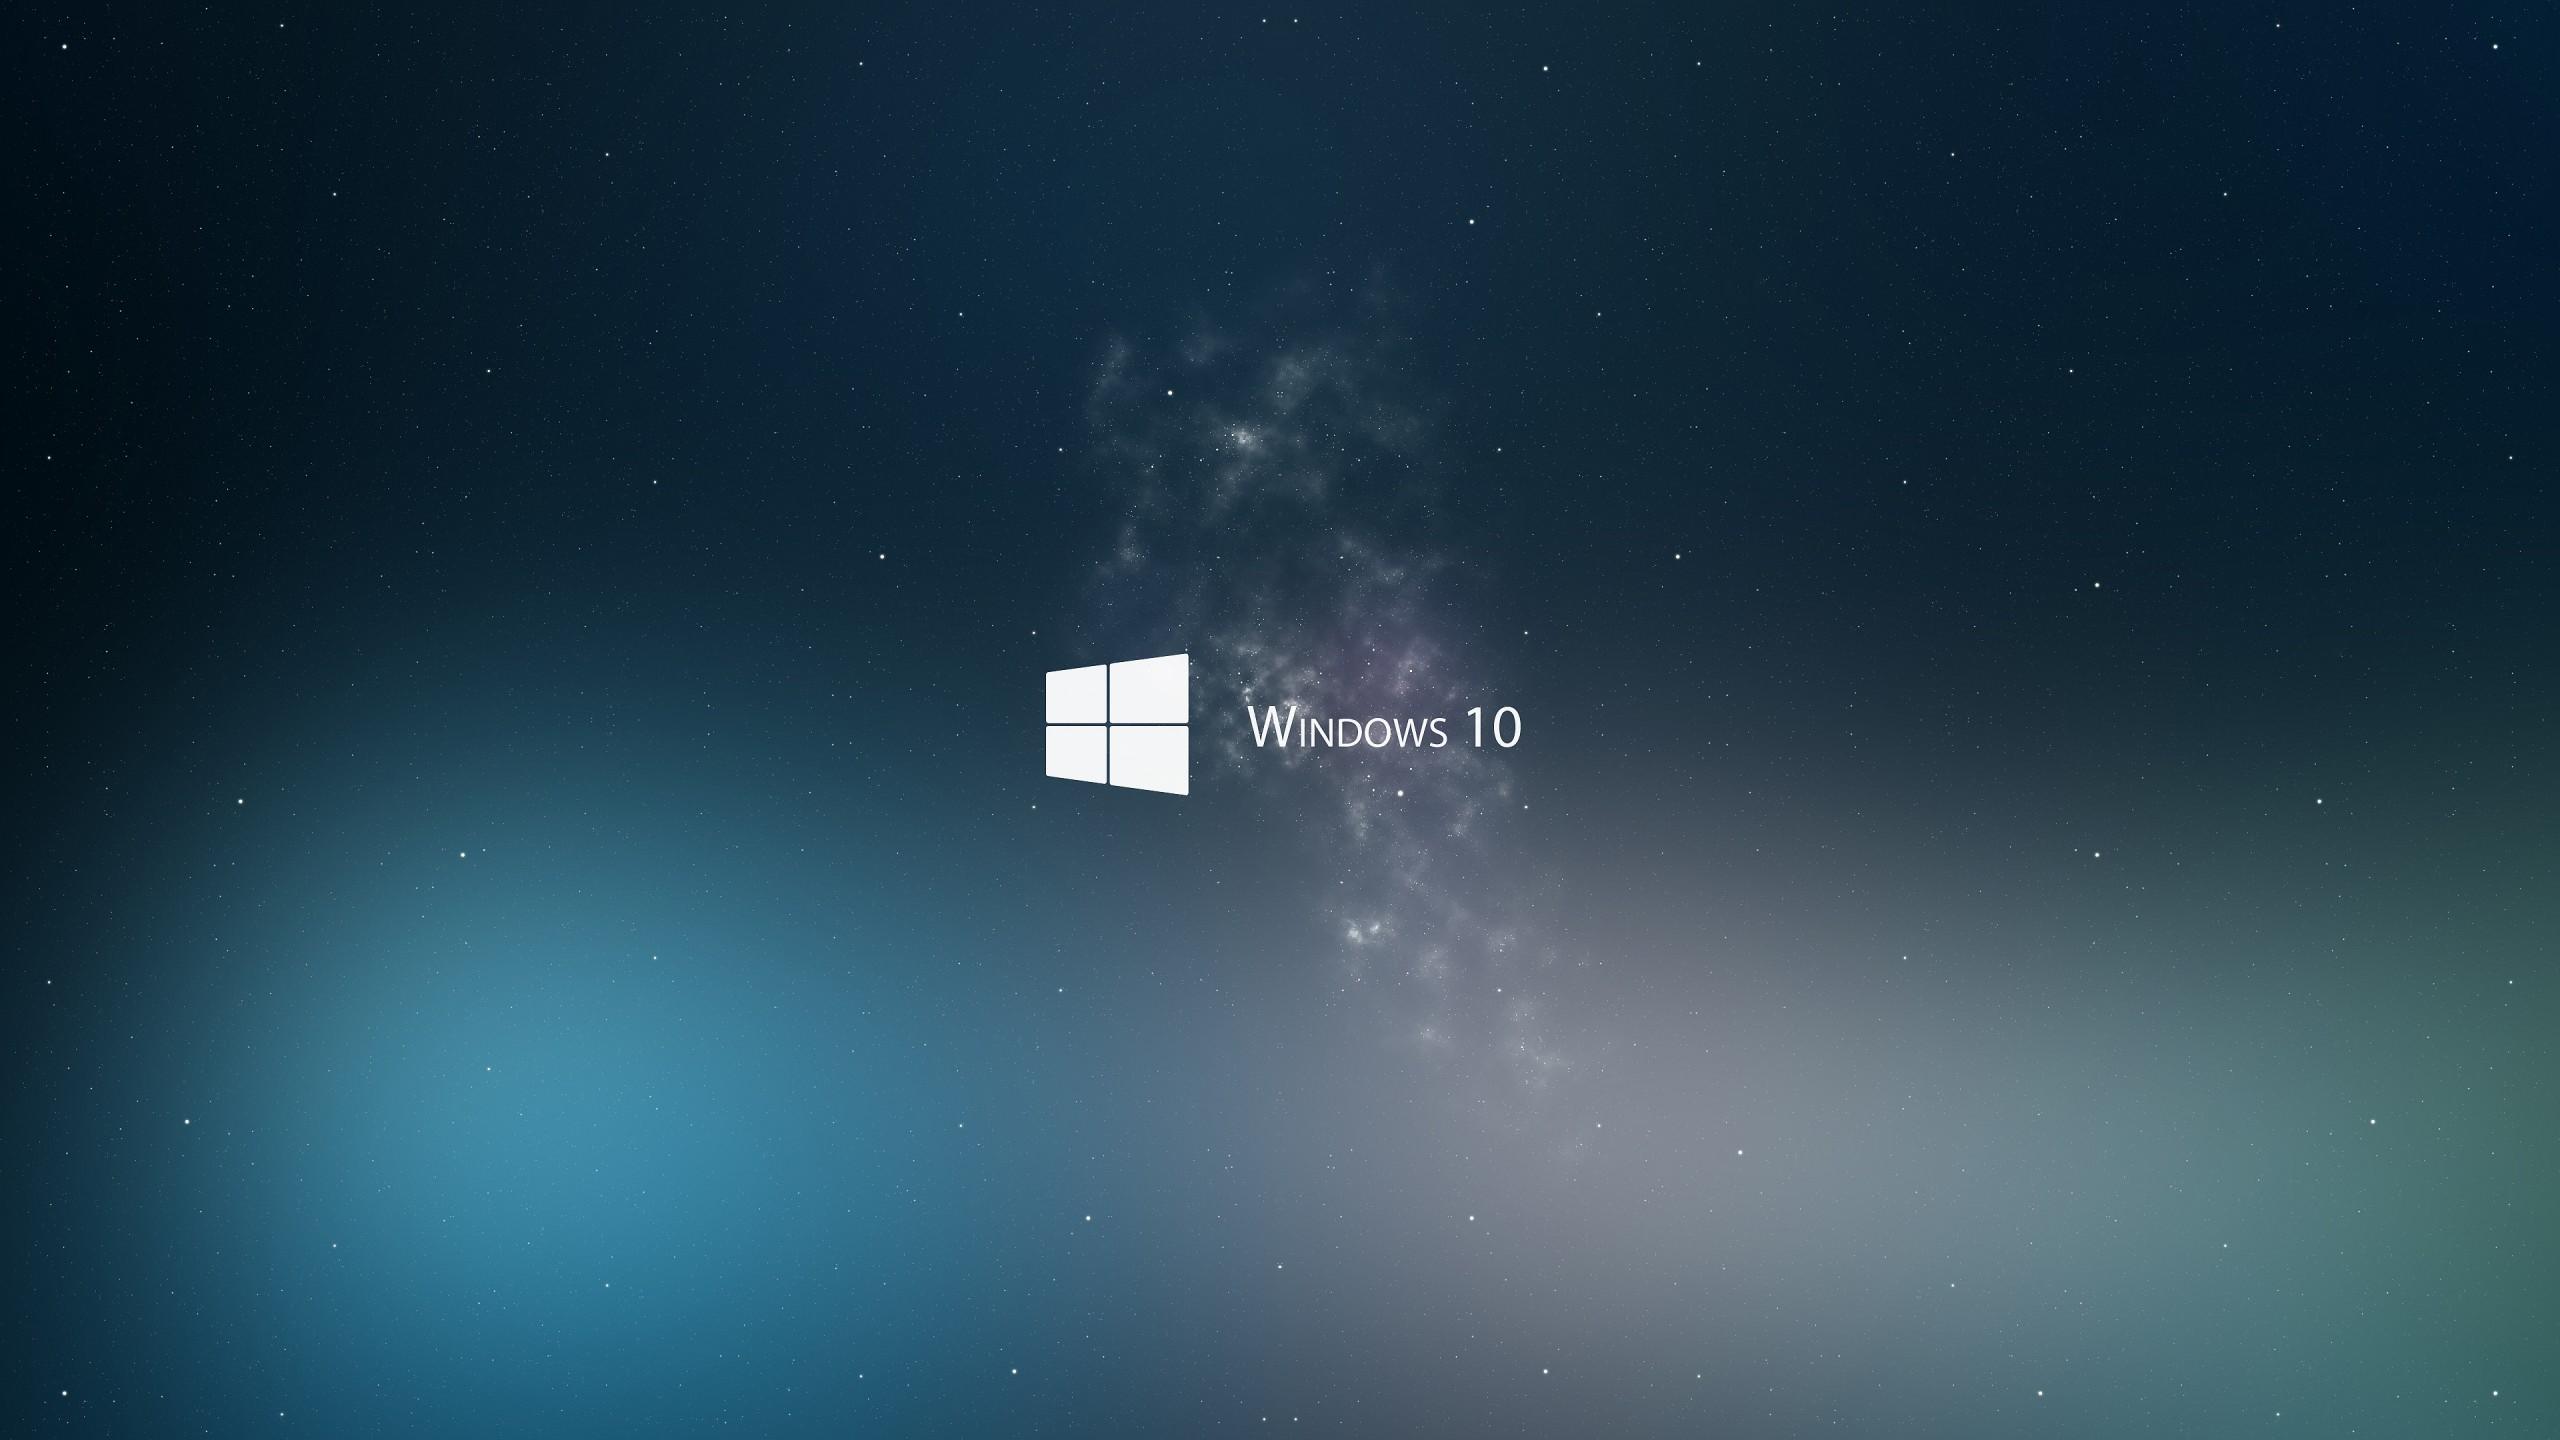 Download Windows 10 HD wallpaper for 2560 x 1440   HDwallpapersnet 2560x1440